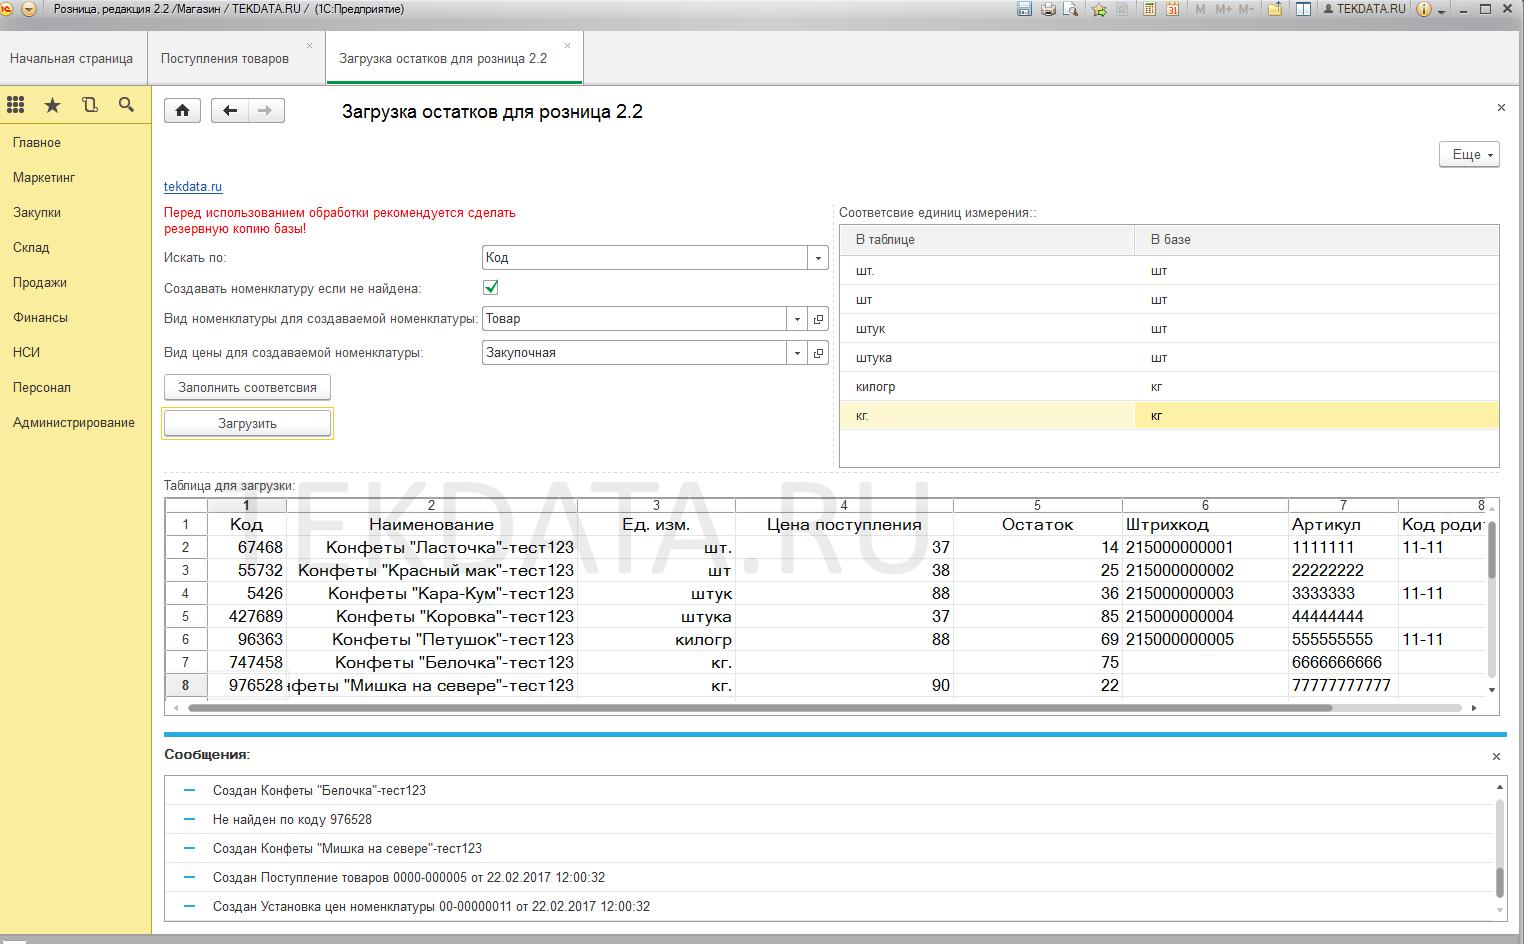 Загрузка номенклатуры, цен, остатков, документов поступления из Excel в 1С:Розница 2 (Внешняя обработка)